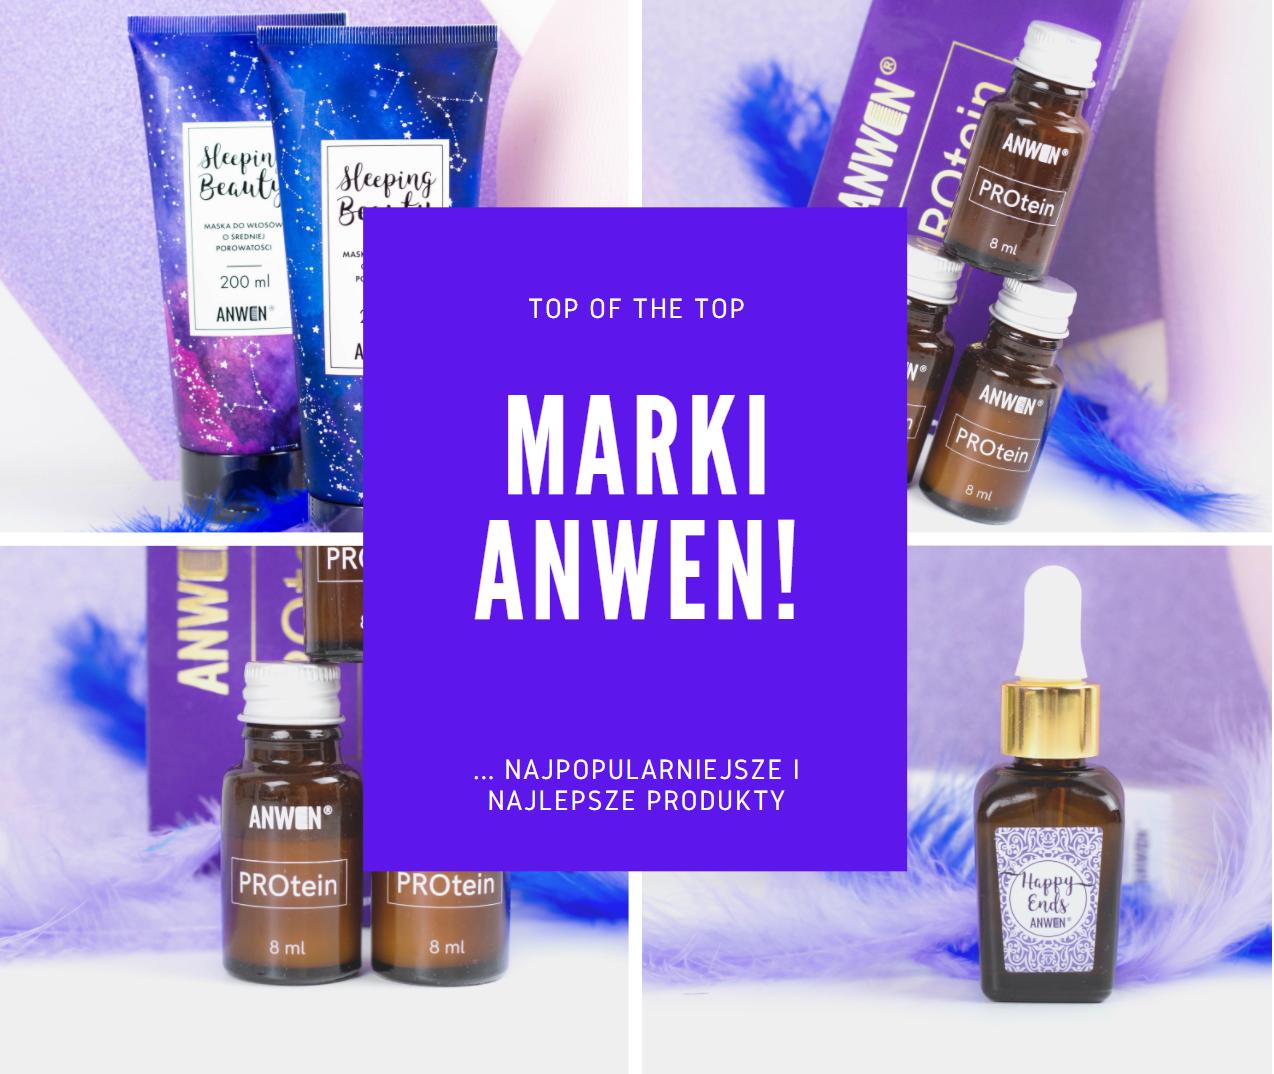 TOP OF THE TOP marki ... Anwen, czyli produkty, które koniecznie musisz wypróbować!